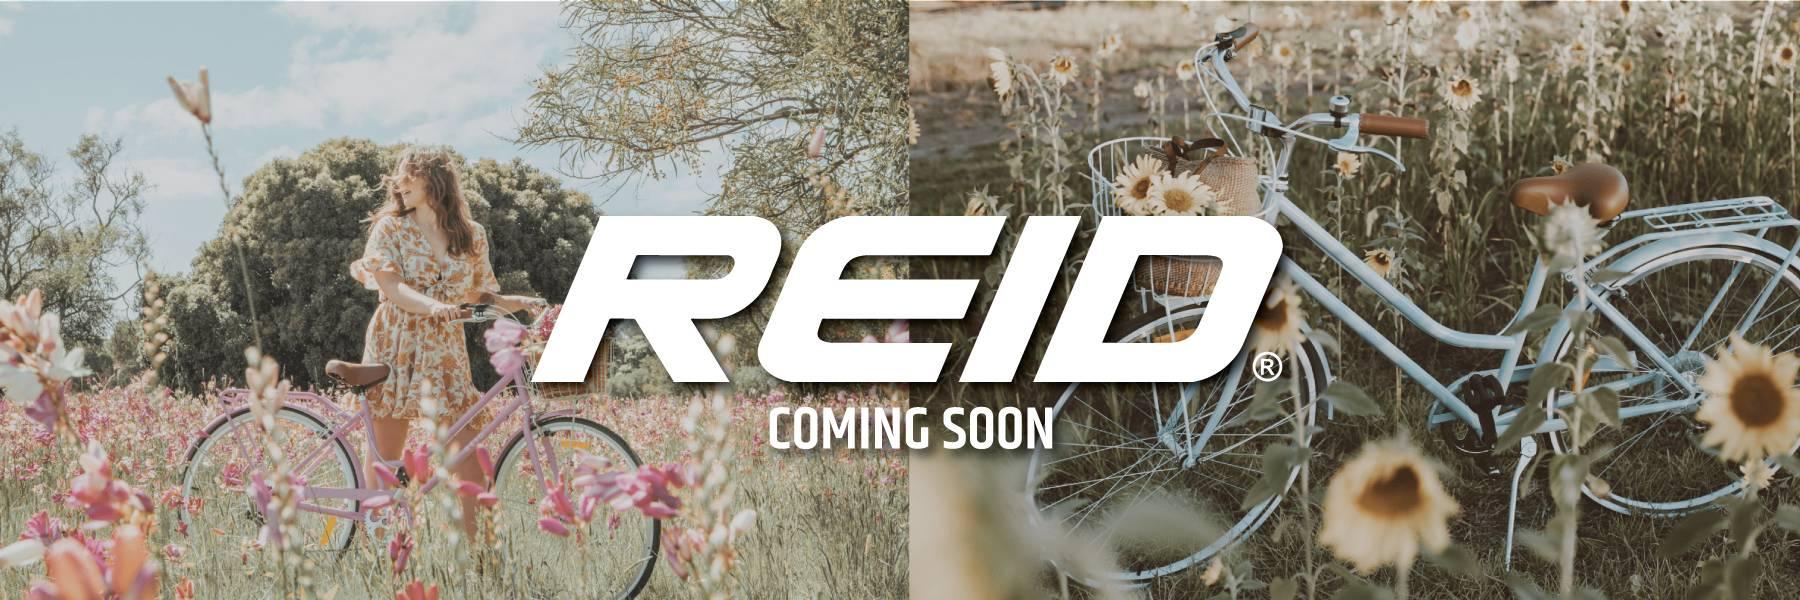 Reid Coming Soon